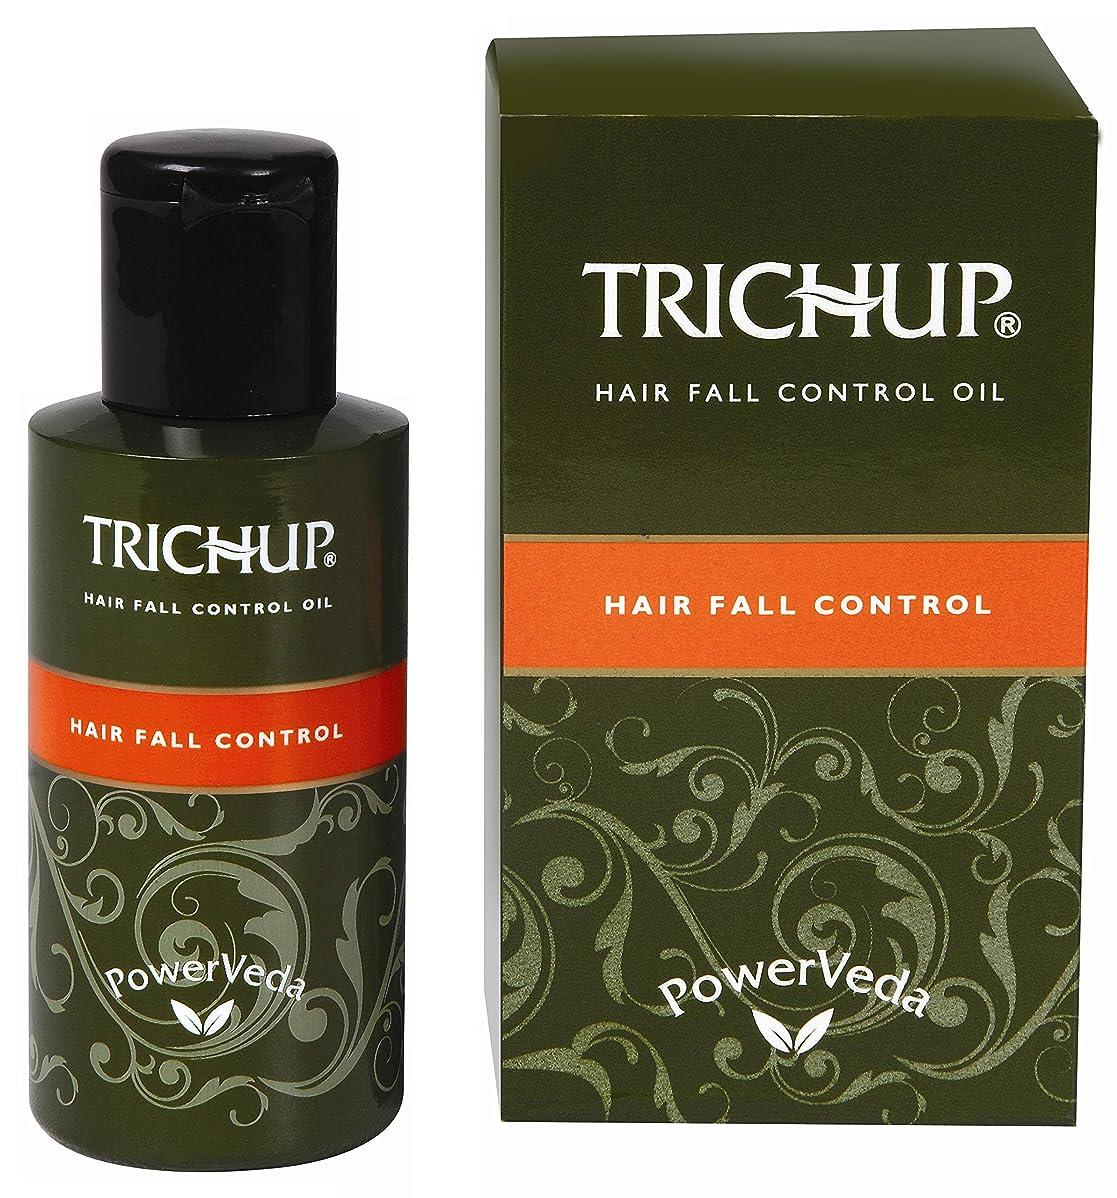 辞任するクラス上TRICHUP Hair Fall Control Oil Repair Damaged Hair And Arrests The Hair Fall 100 Milliliters by Trichup